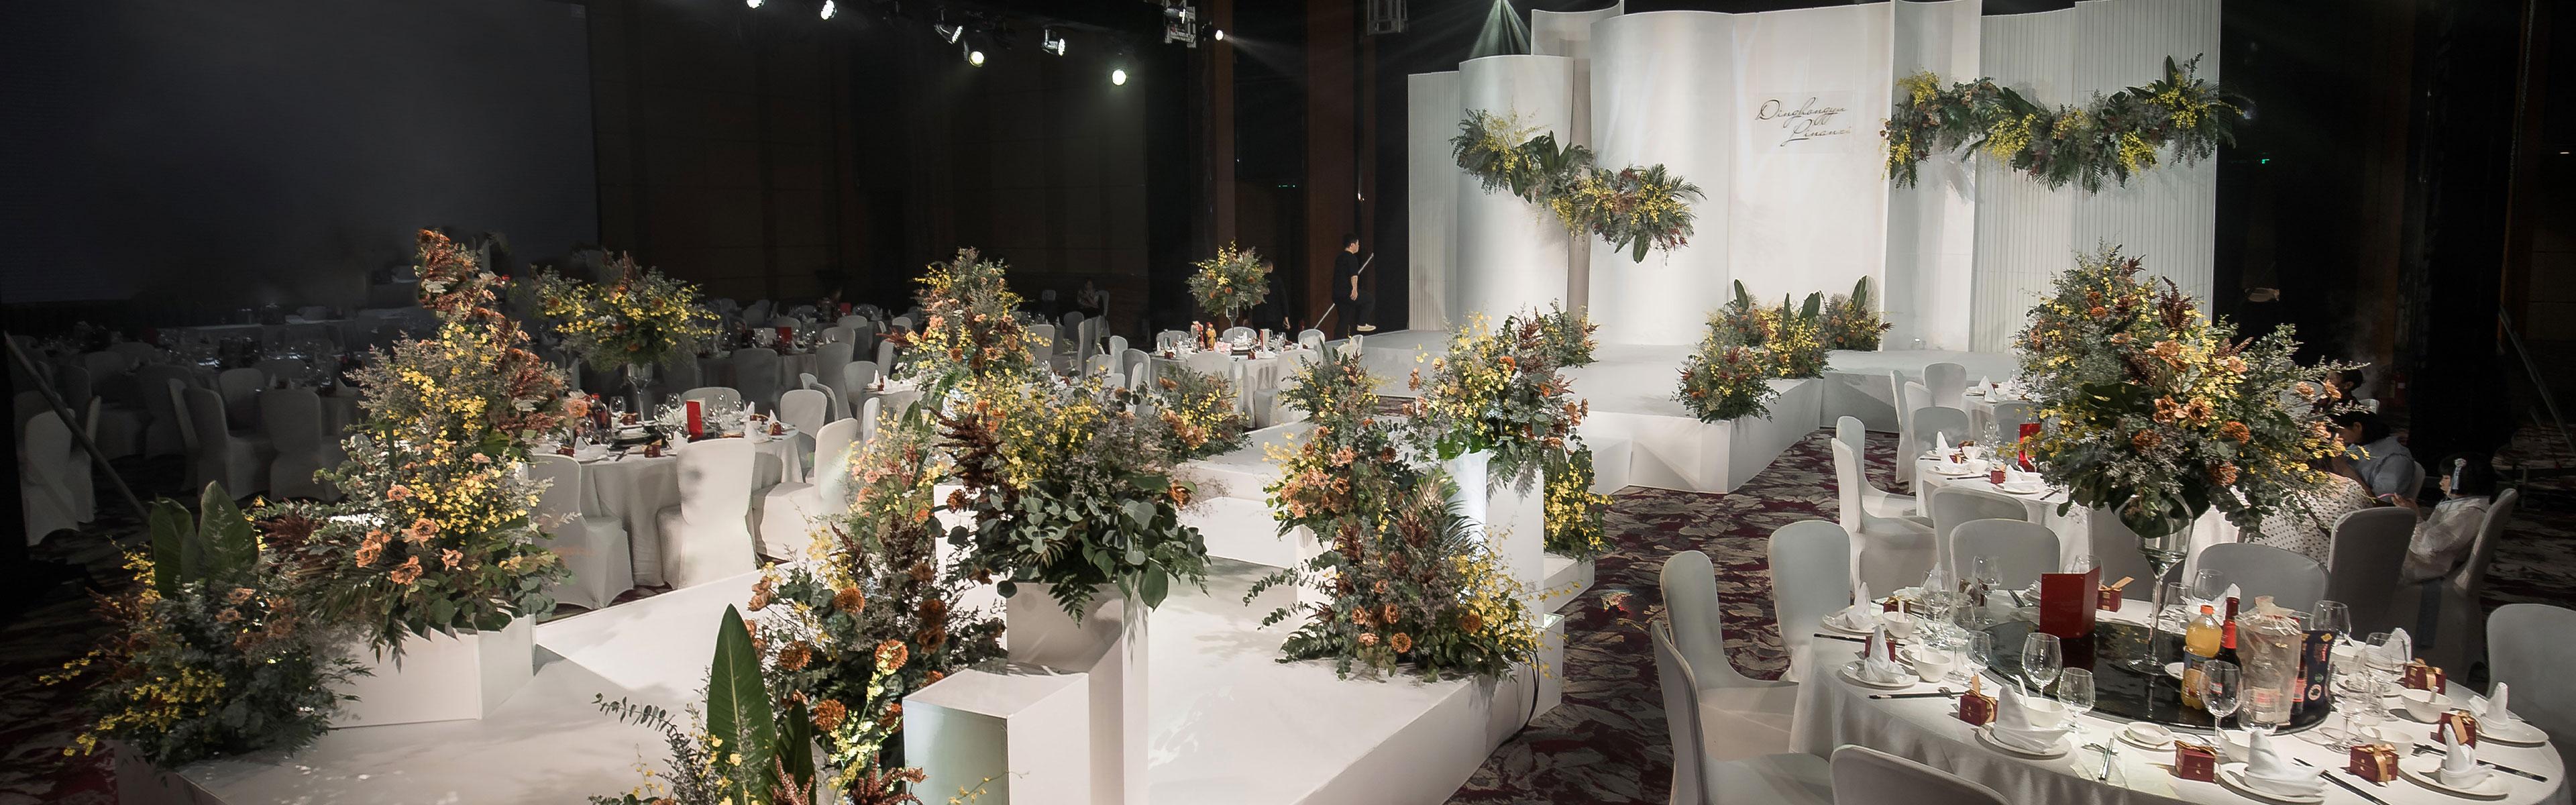 固安婚庆策划案例:息白 | 湖南 长沙